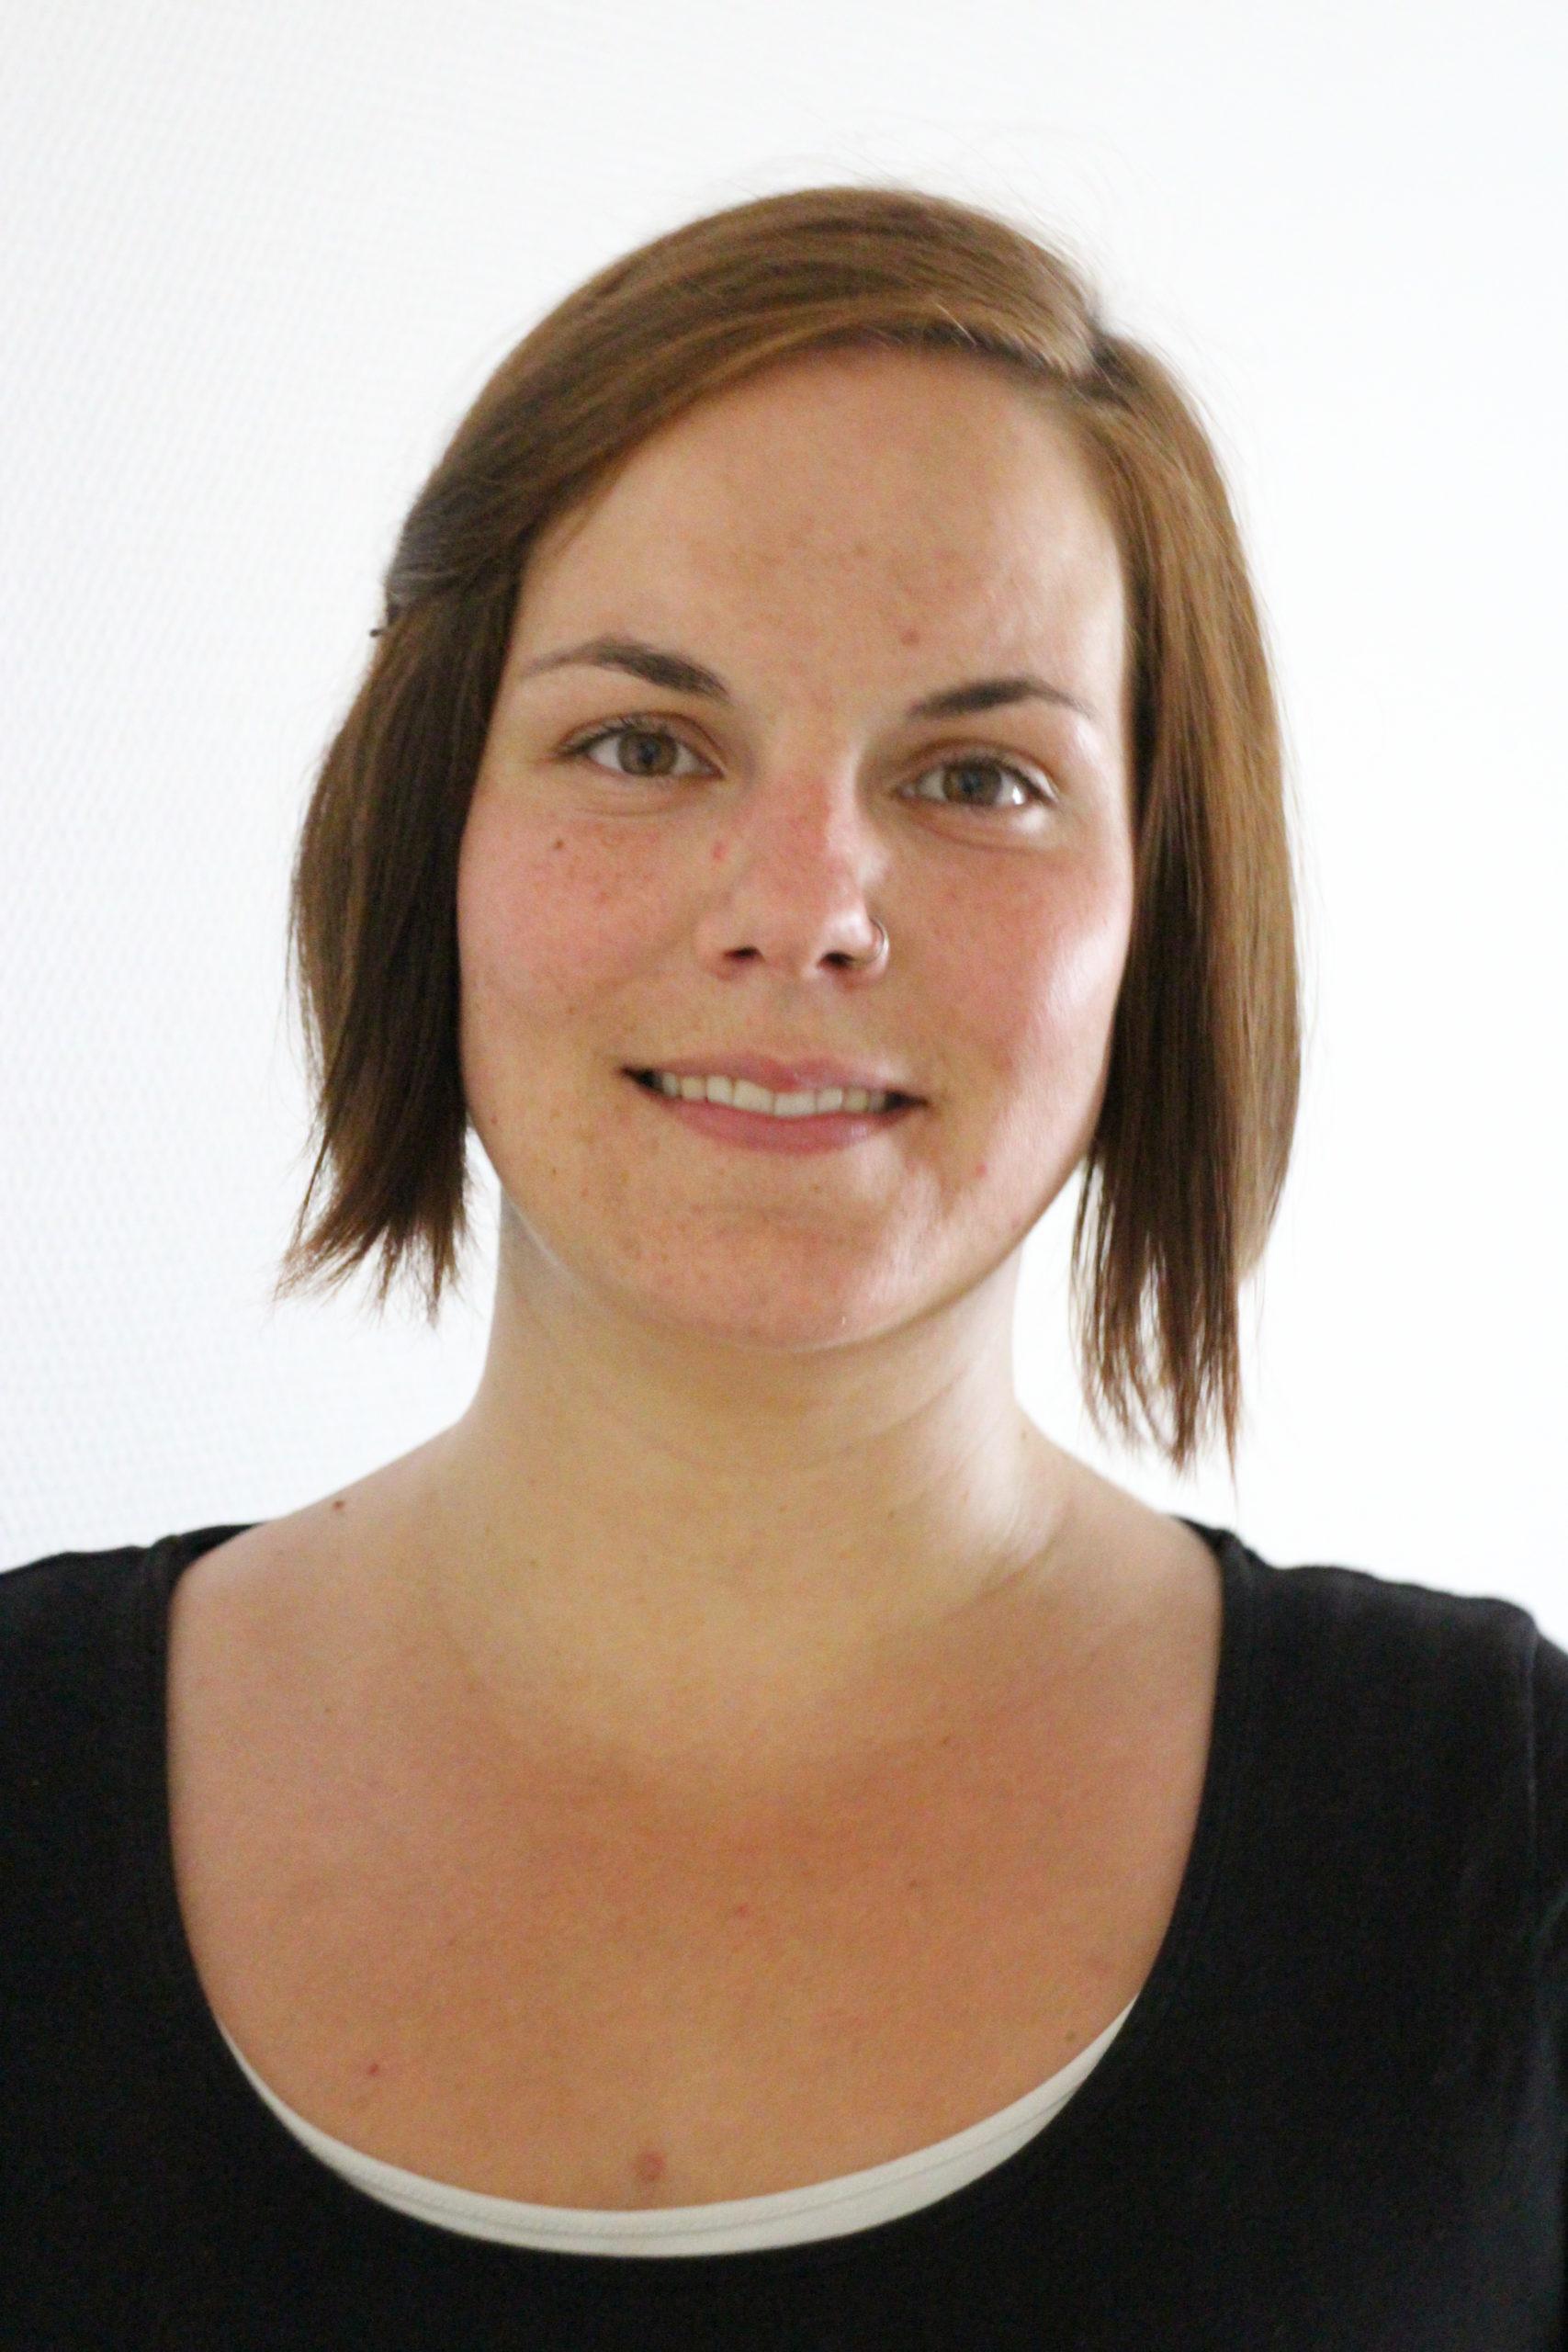 Carmen Kossack